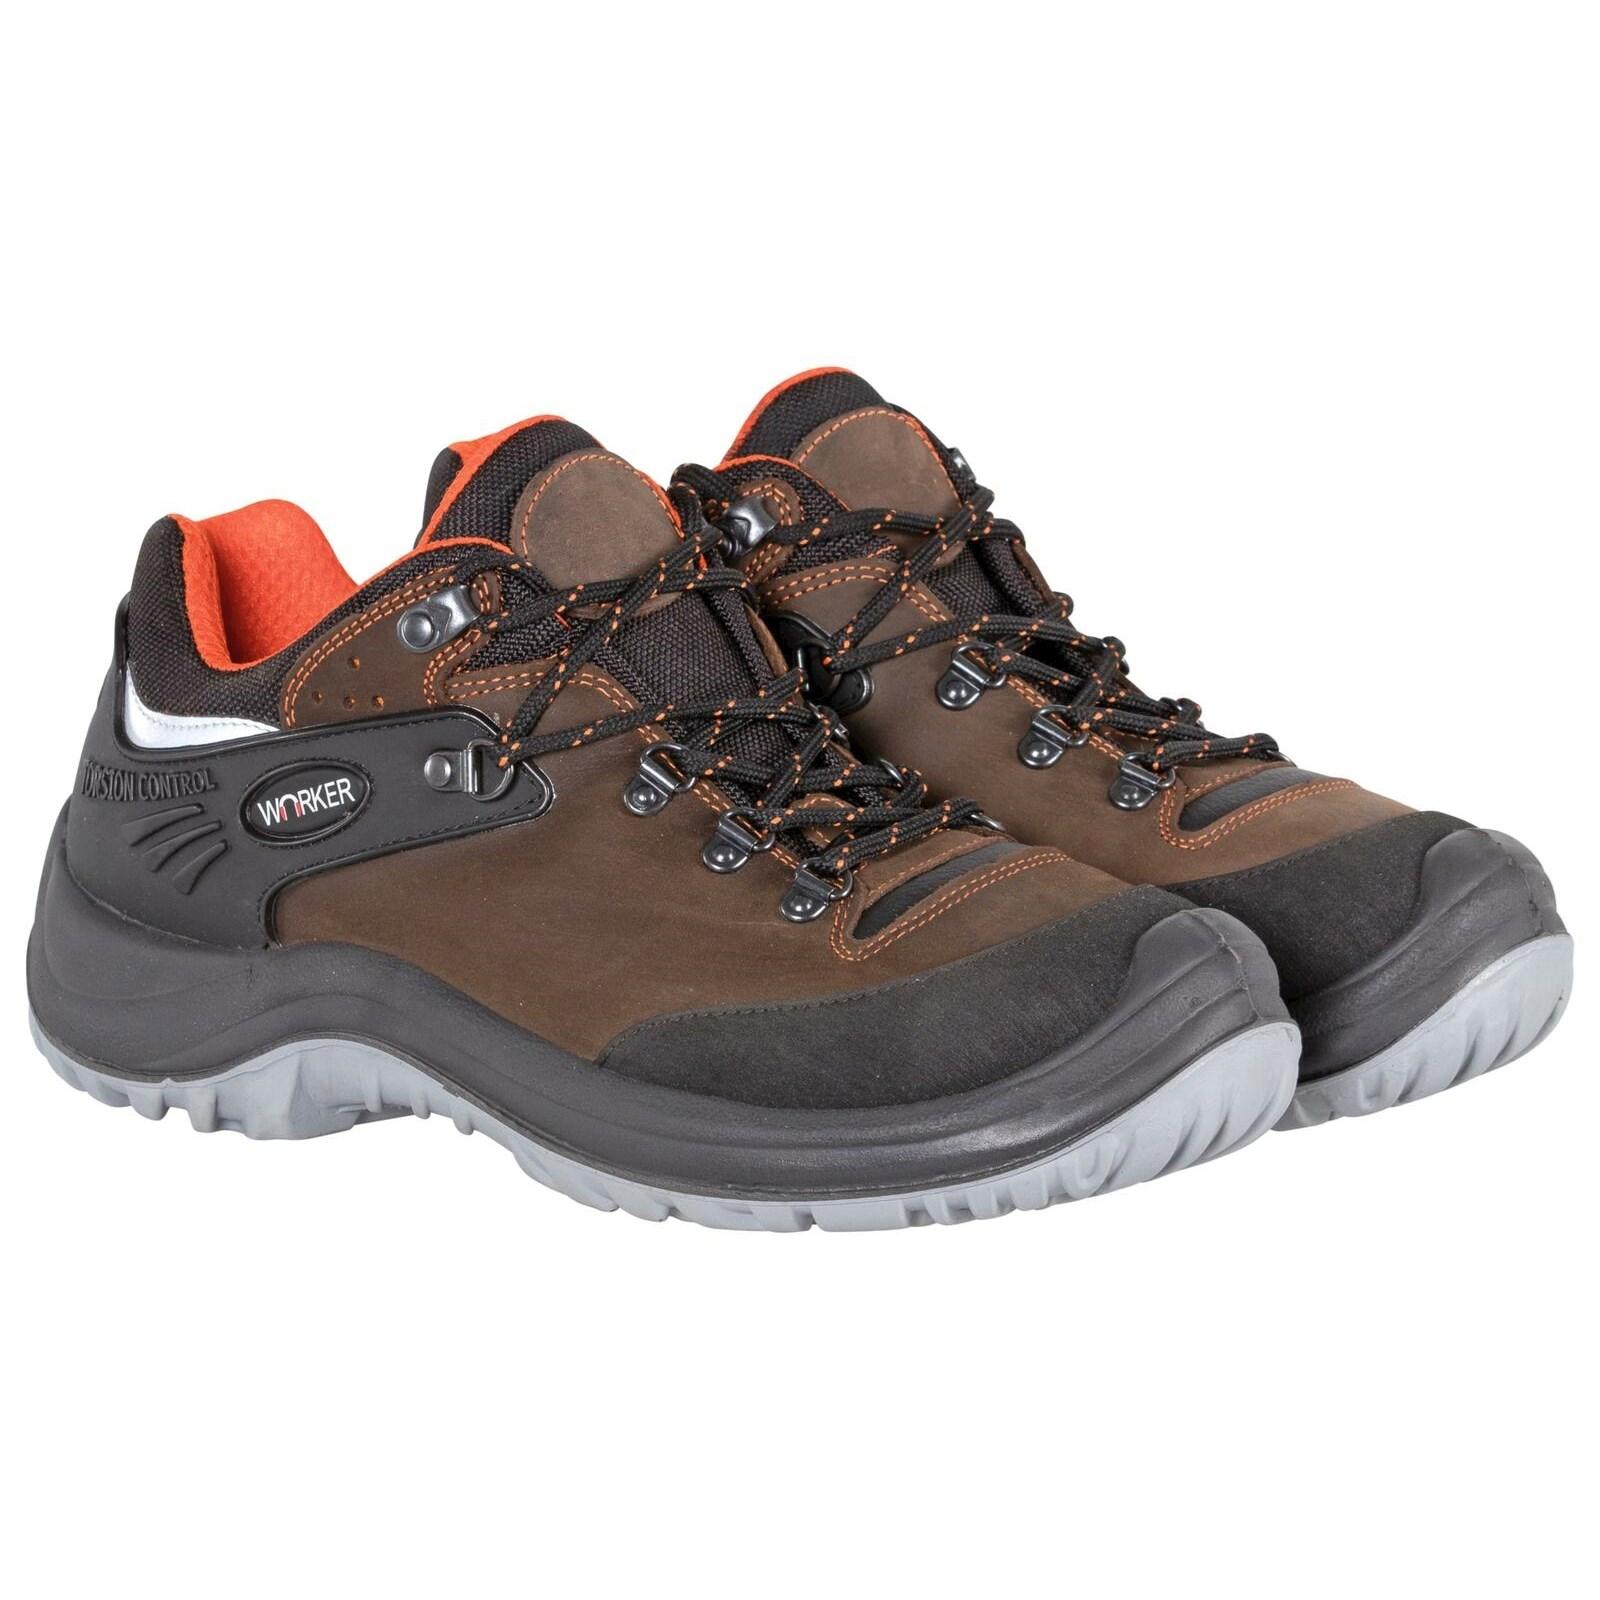 chaussure de s curit sport s3 chaussures de s curit. Black Bedroom Furniture Sets. Home Design Ideas